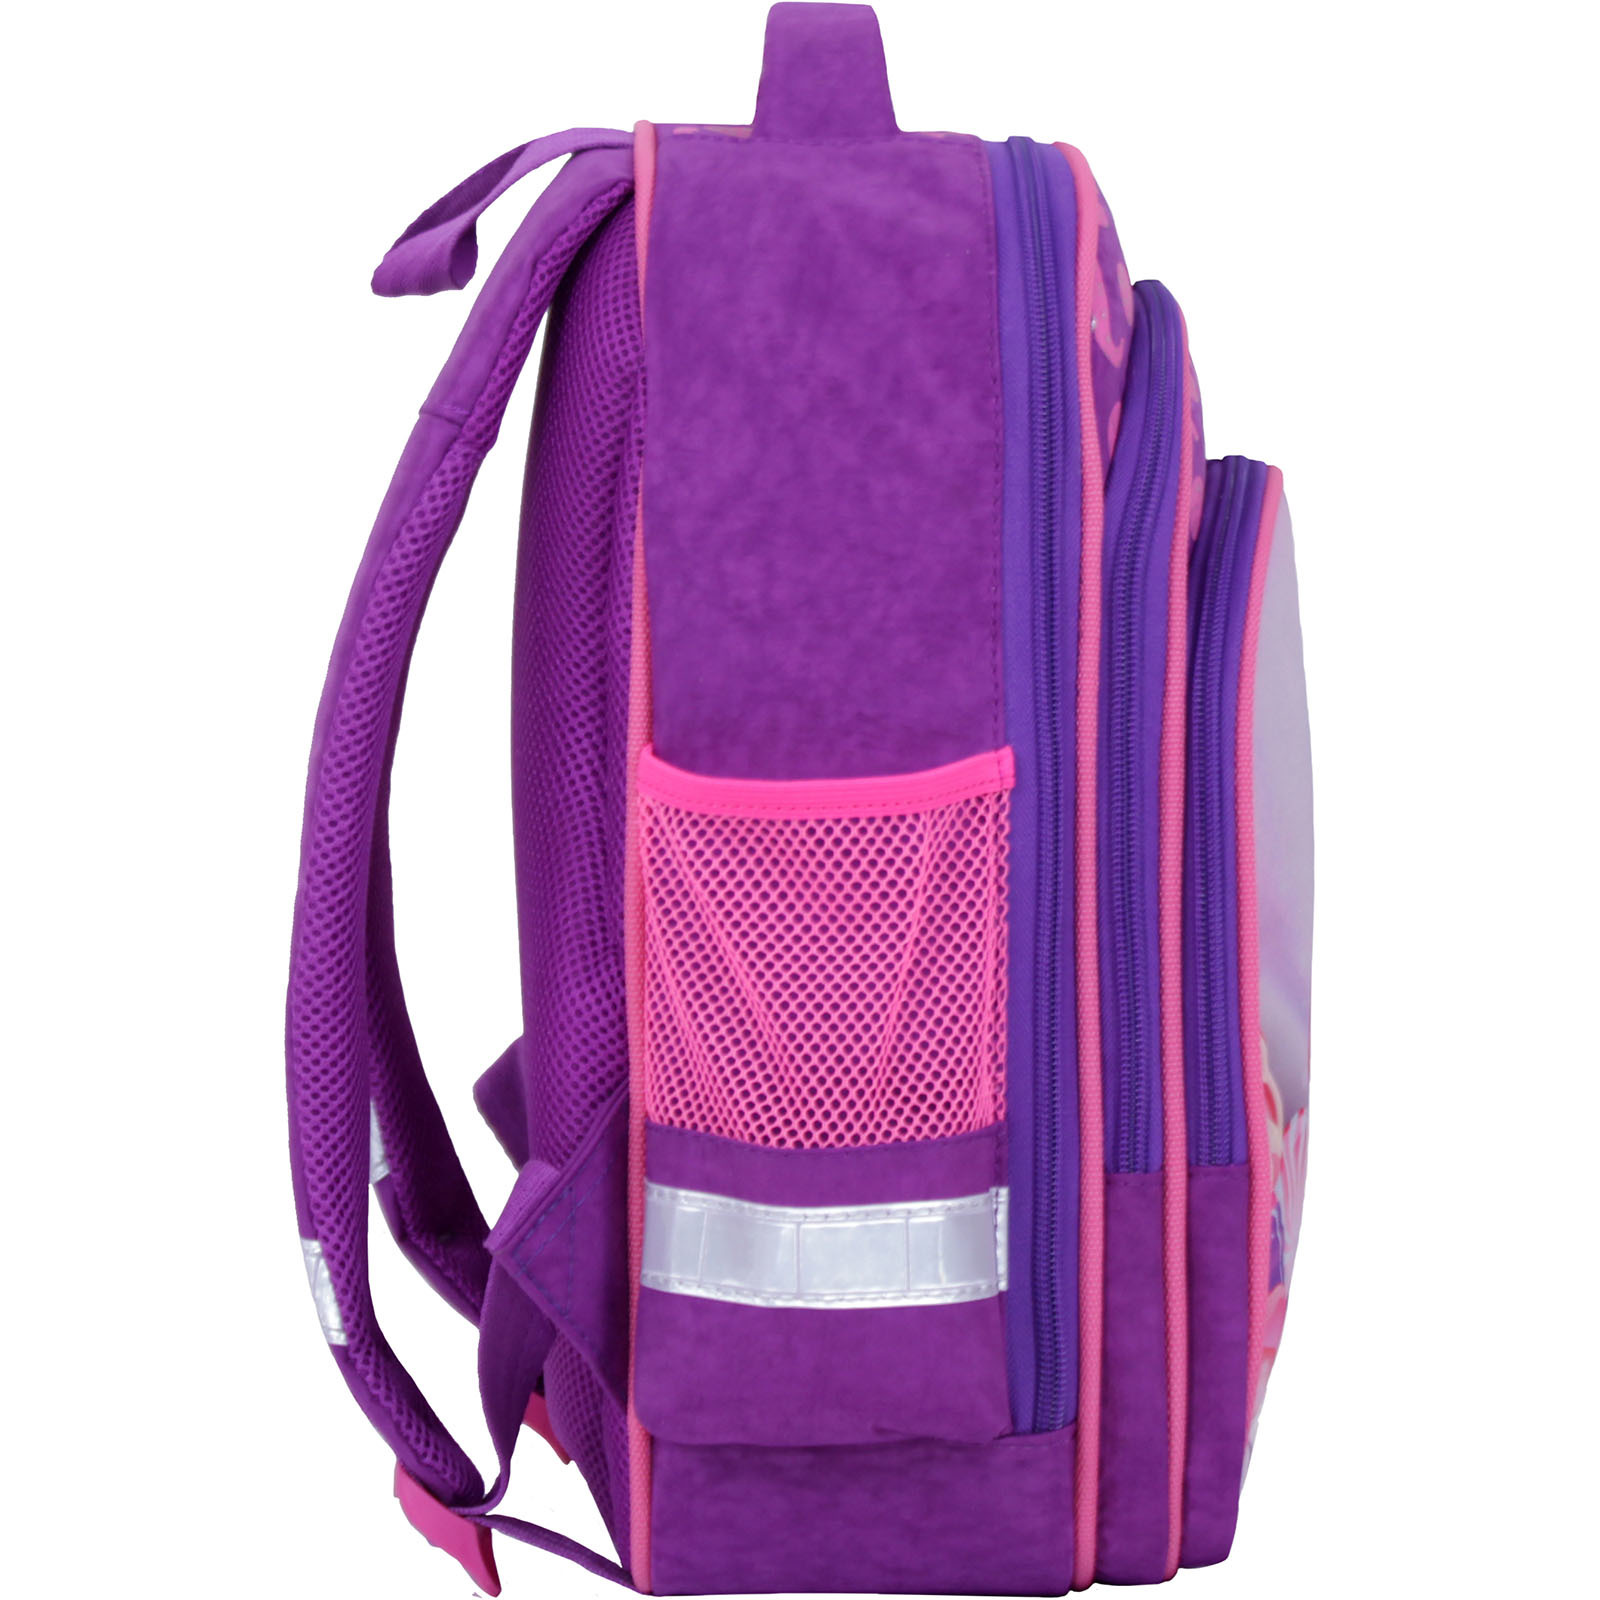 Рюкзак школьный Bagland Mouse 339 фиолетовый 409 (0051370) фото 2